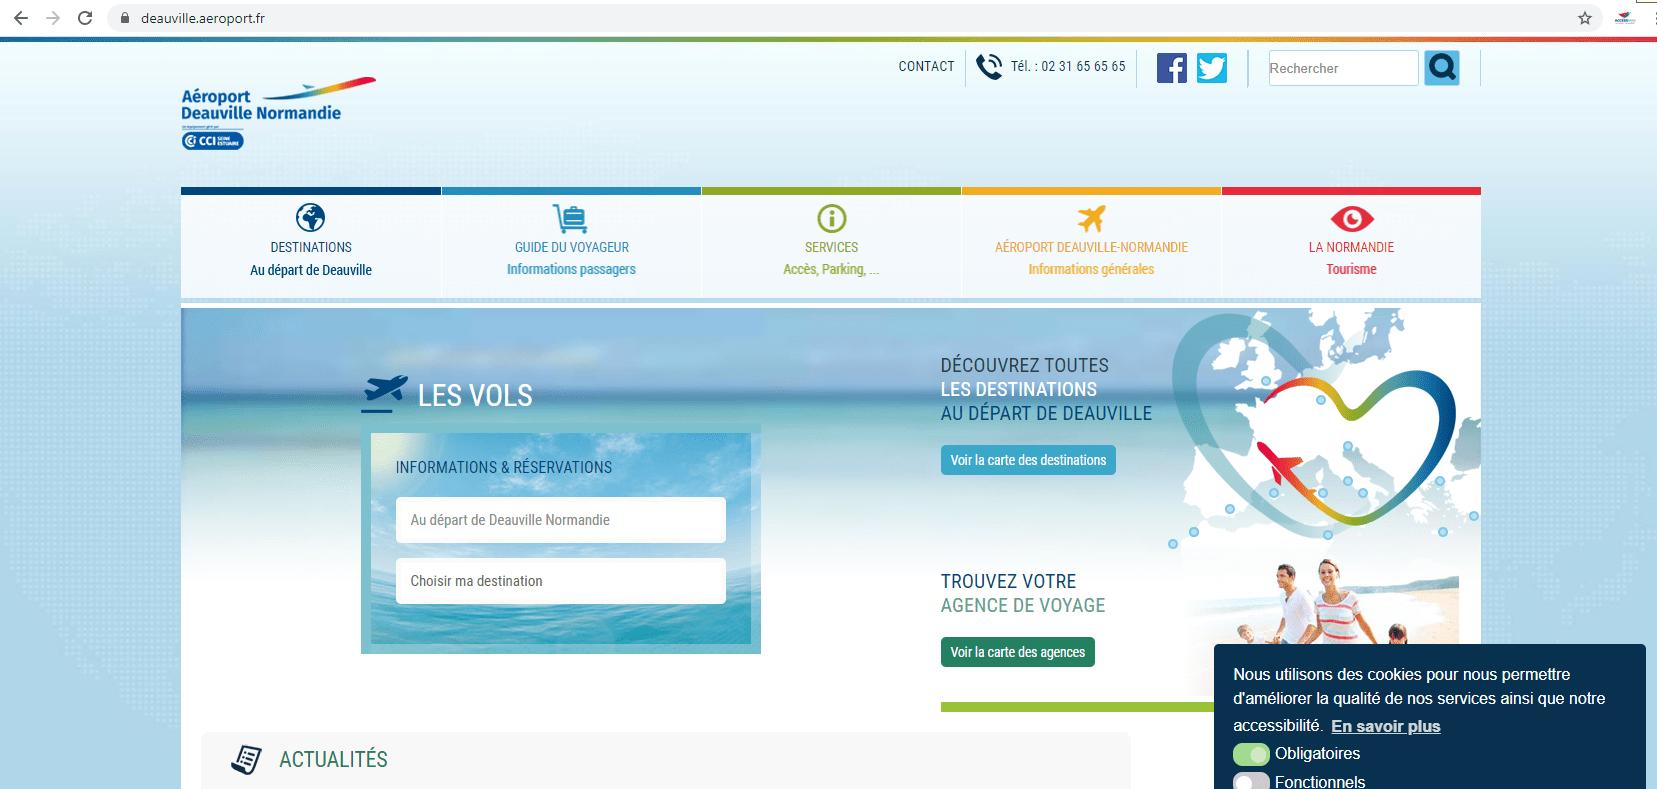 Le site internet de l'Aéroport de Deauville-Normandie pilotable sans contact.